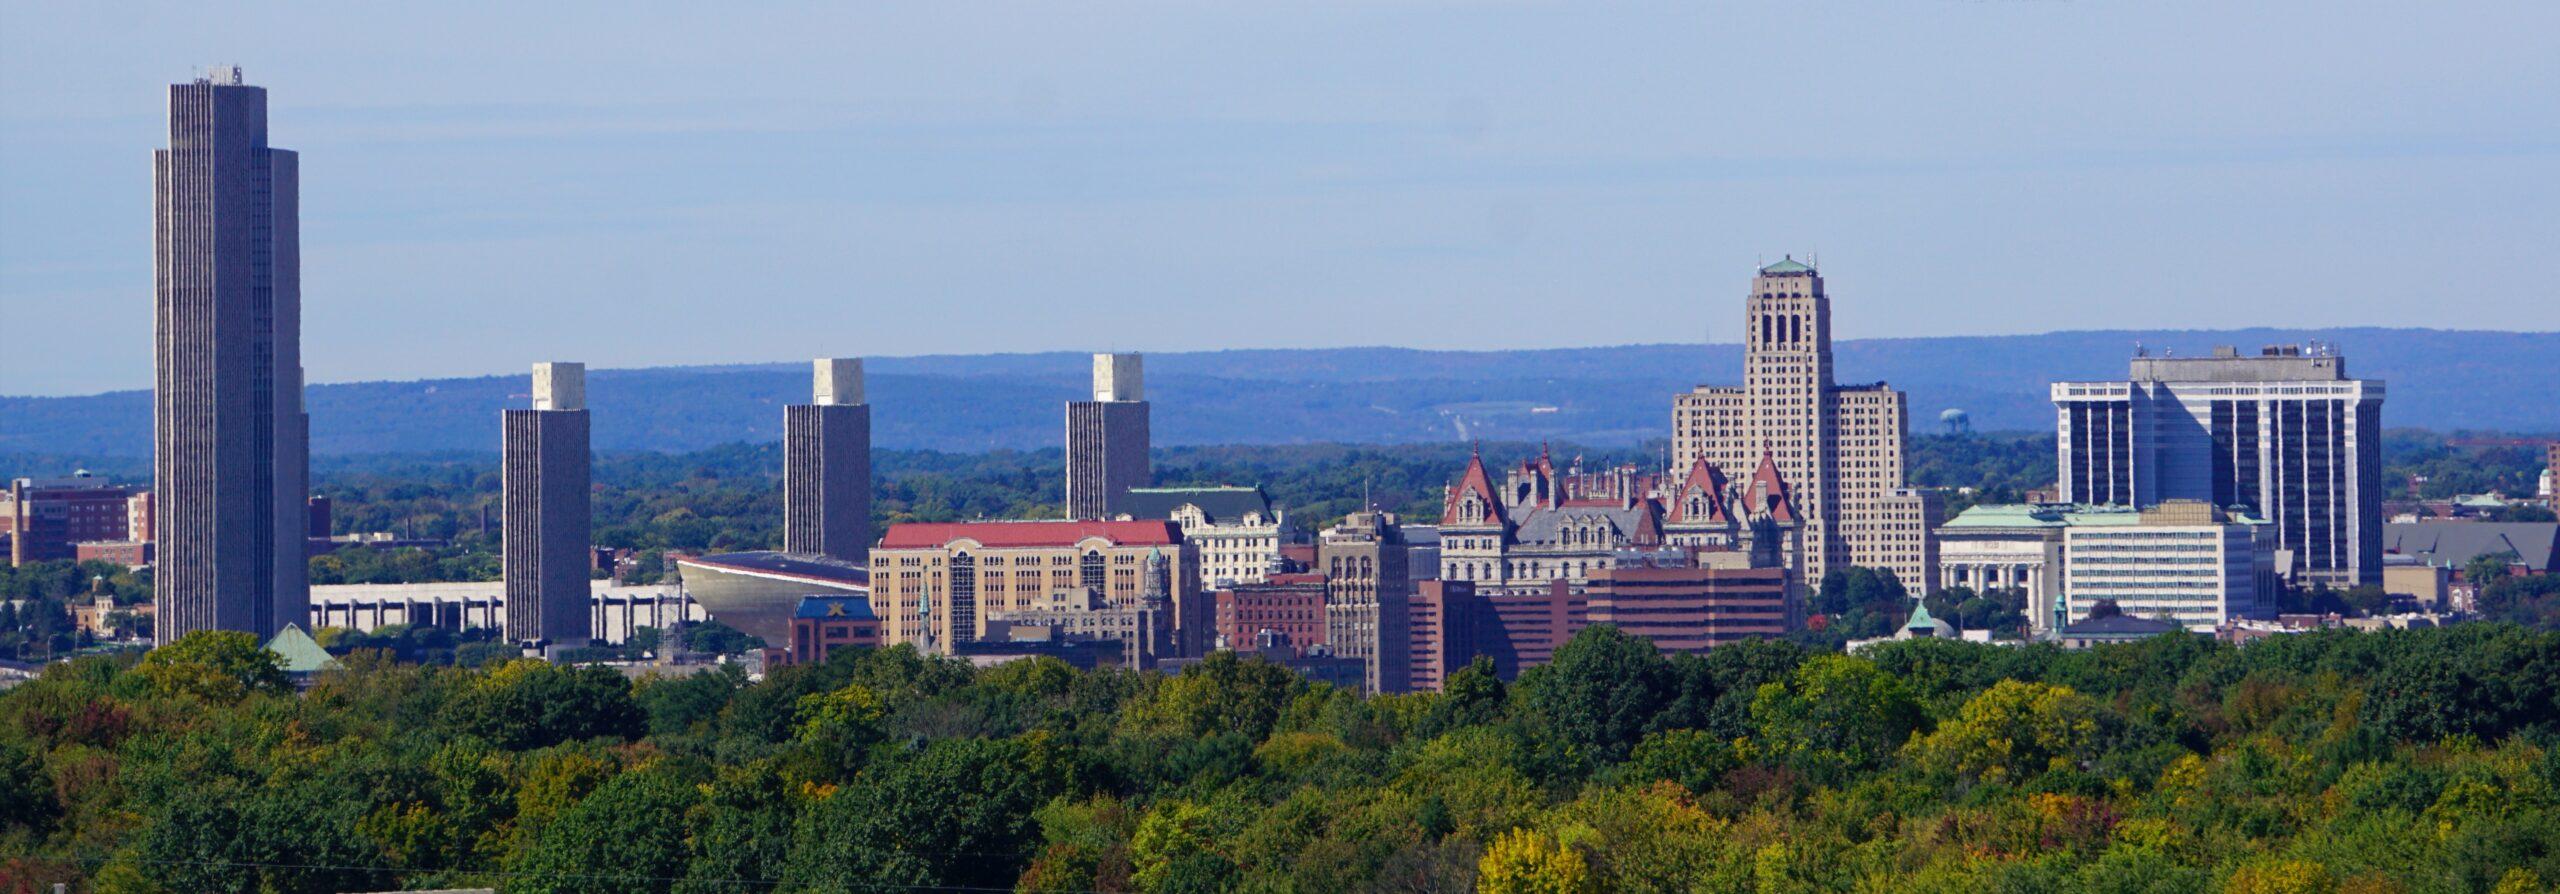 Albany, NY/Capital Region; Photo by Roger Lipera on Unsplash